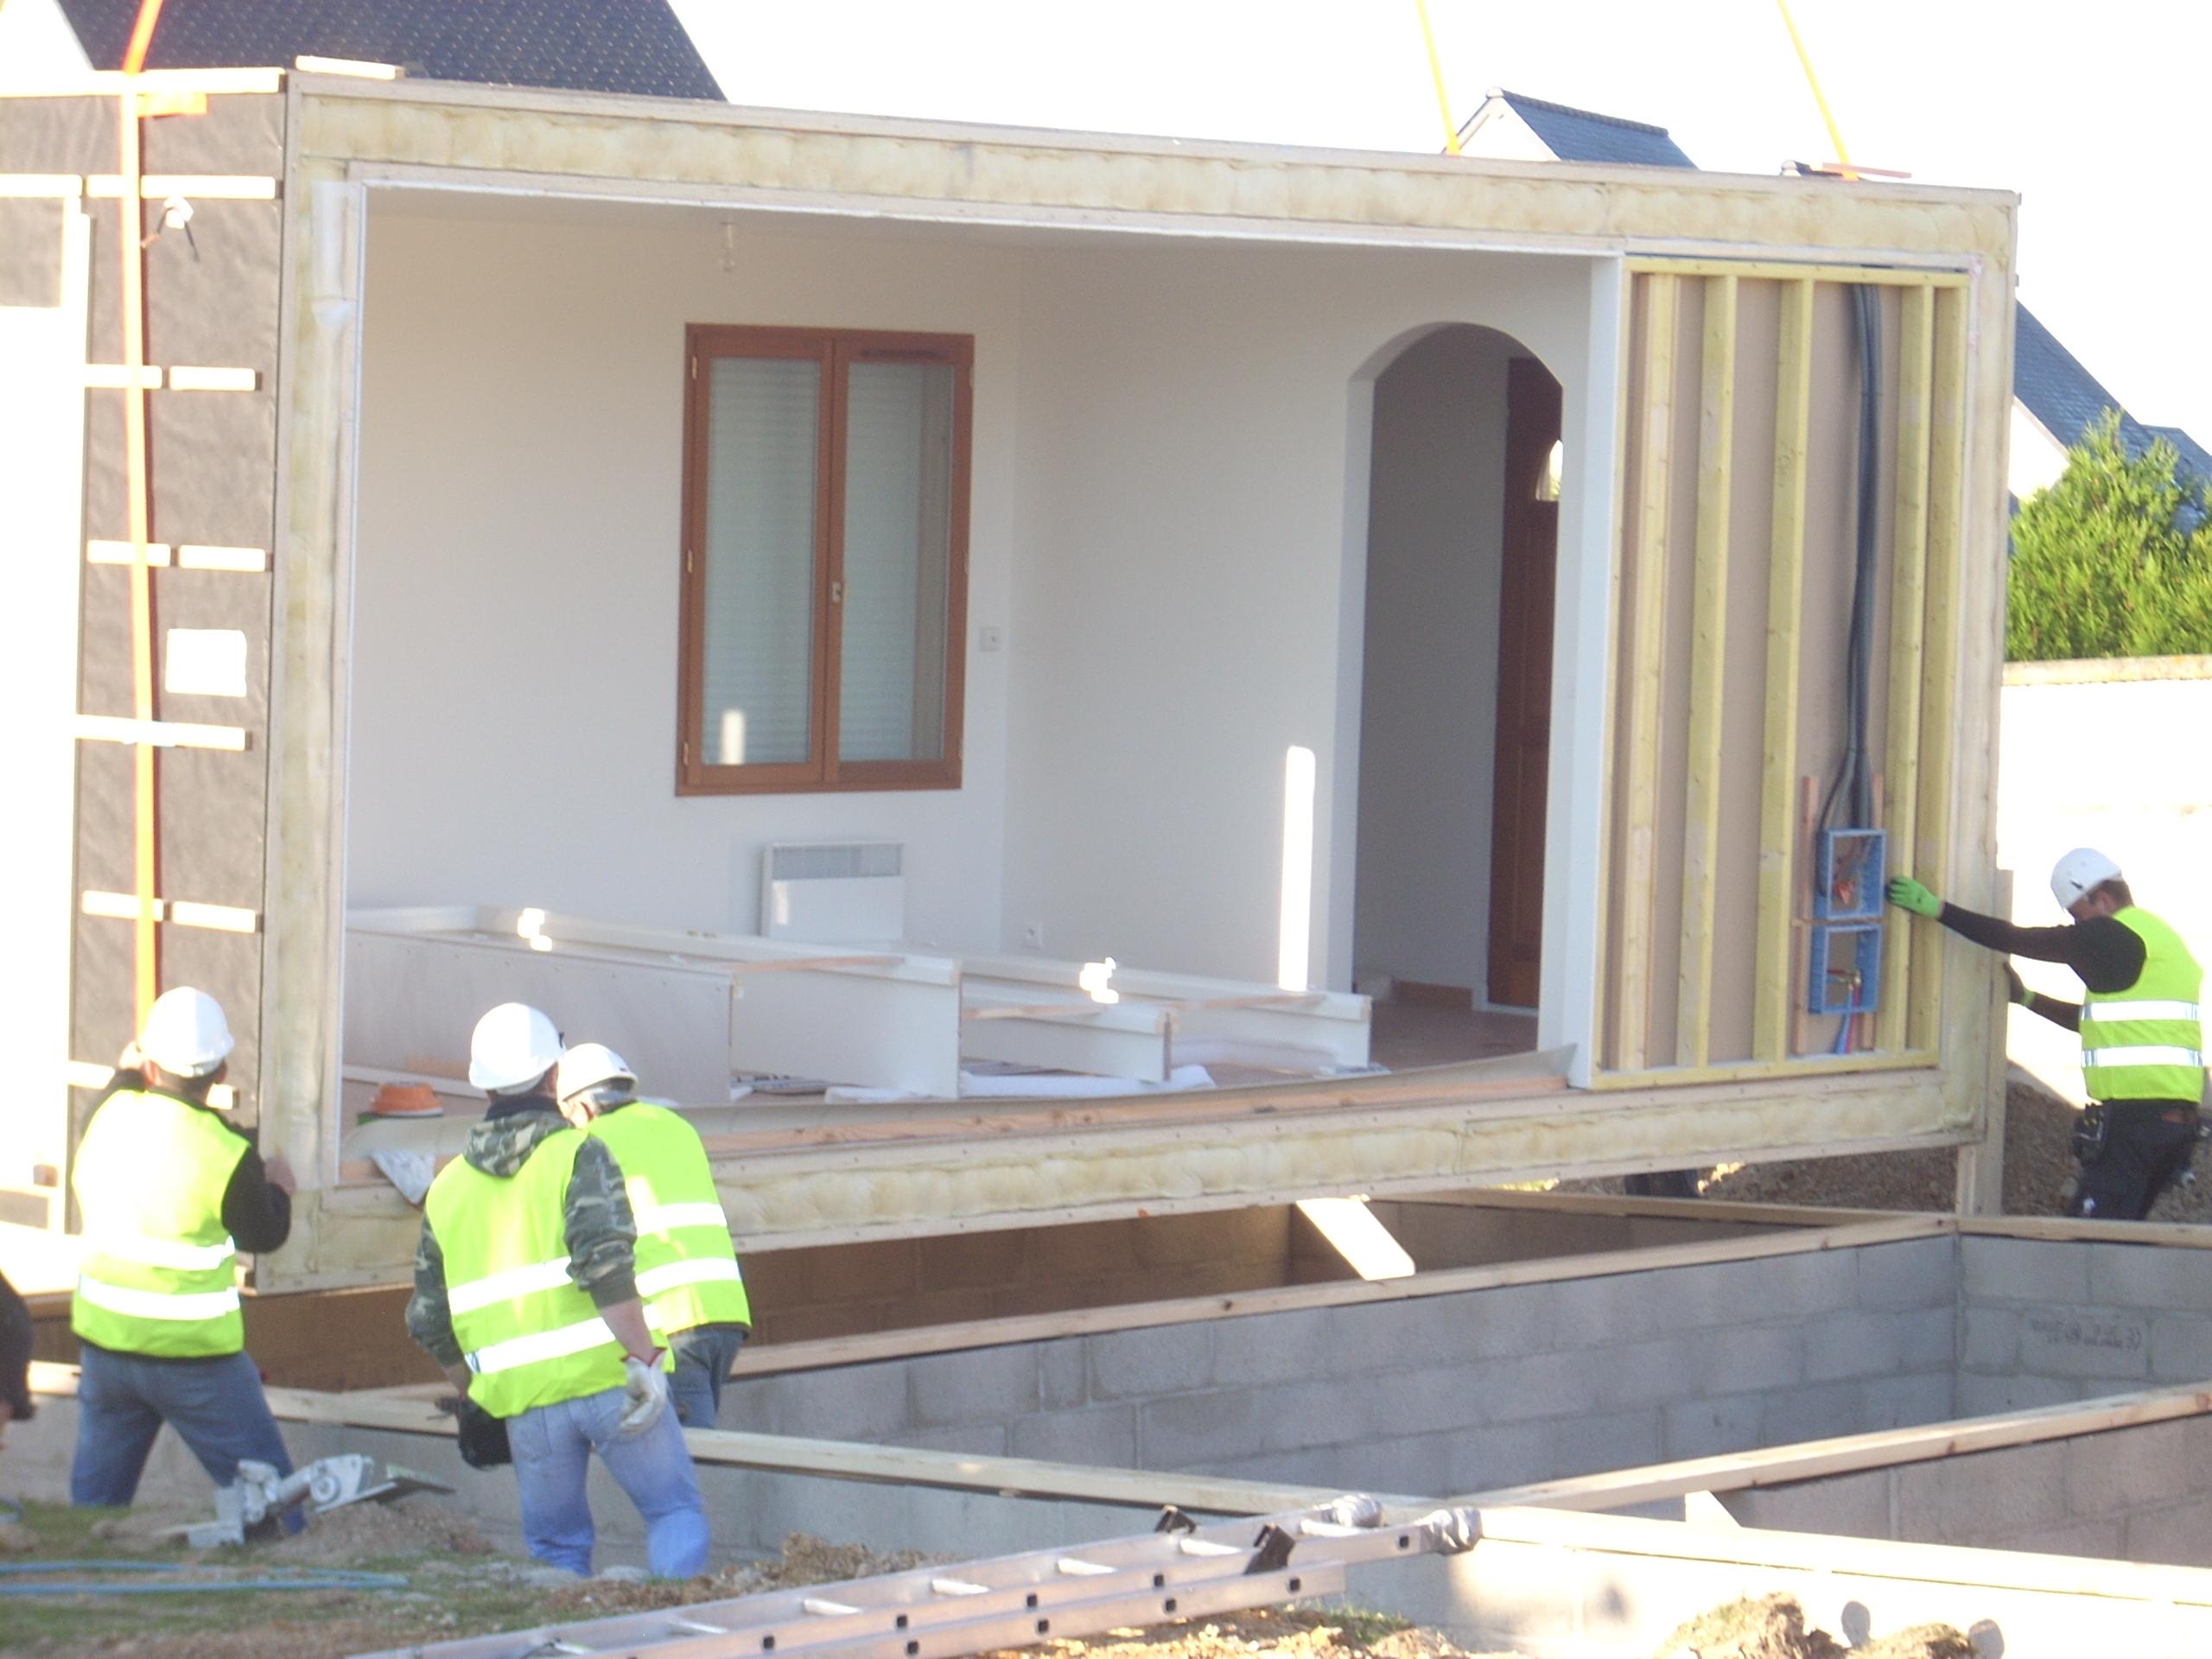 Maison ossature bois agrandissement extension auto for Auto construction maison ossature bois